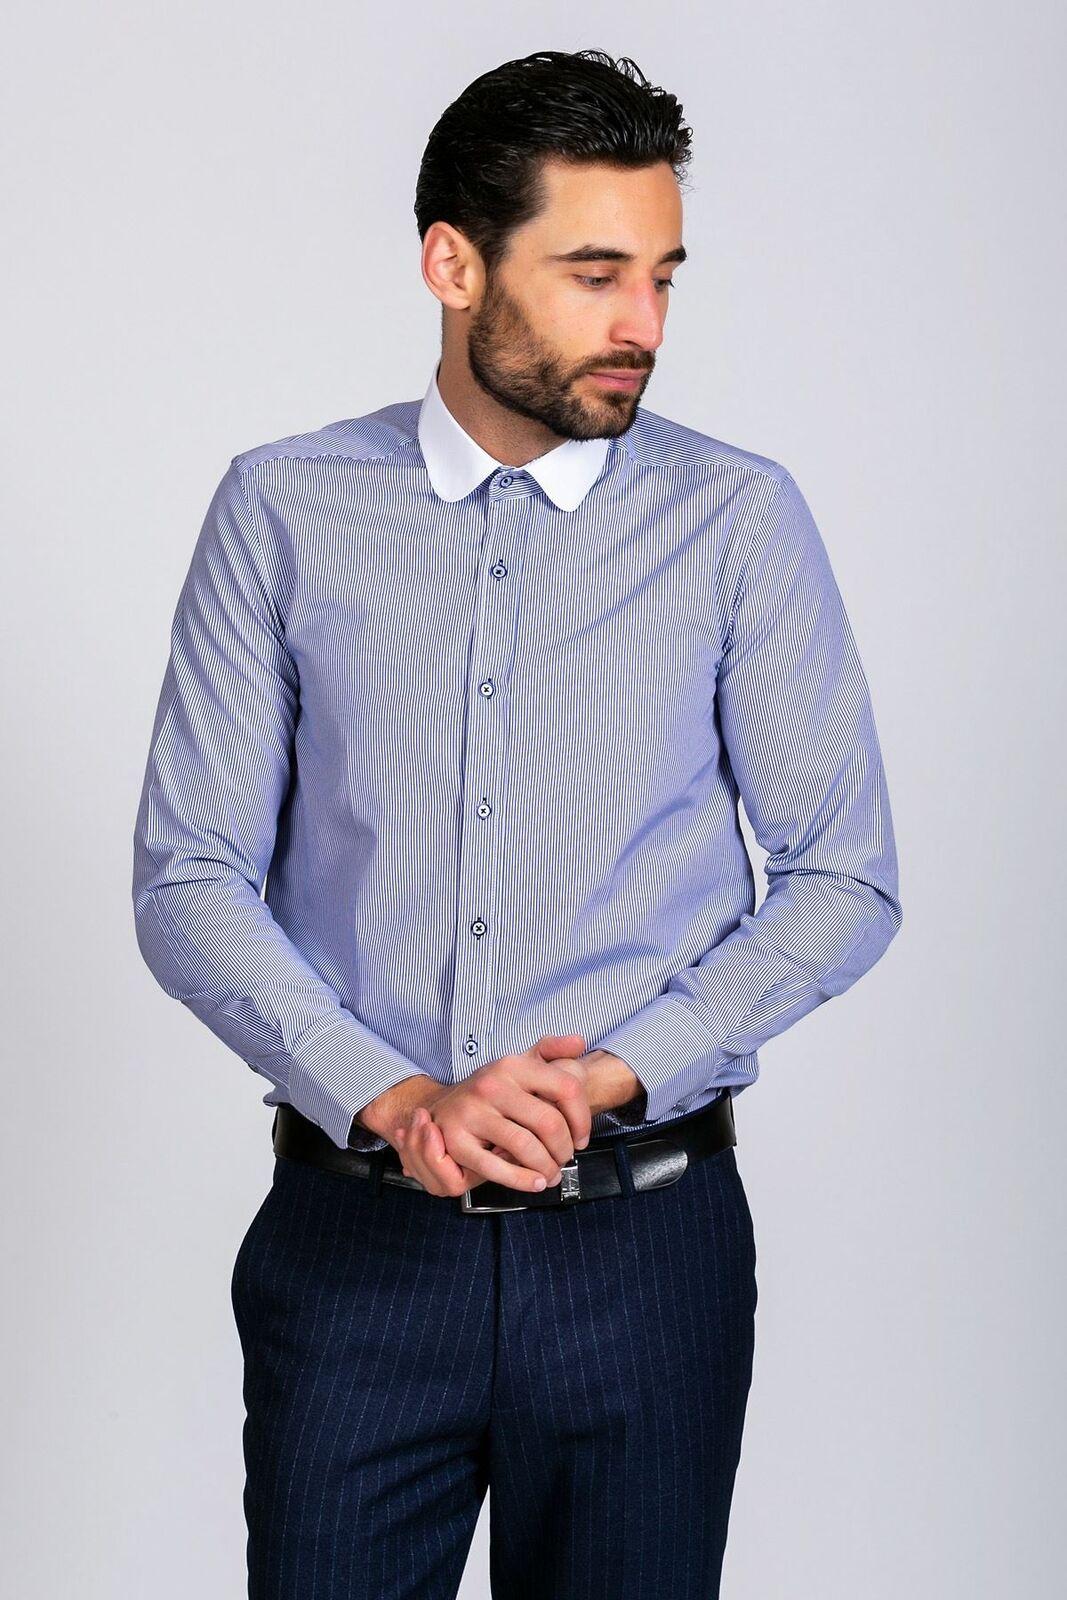 Herren Stripe Club Collar Shirt Peaky Blinders Long Sleeve Formal Geschäft Work